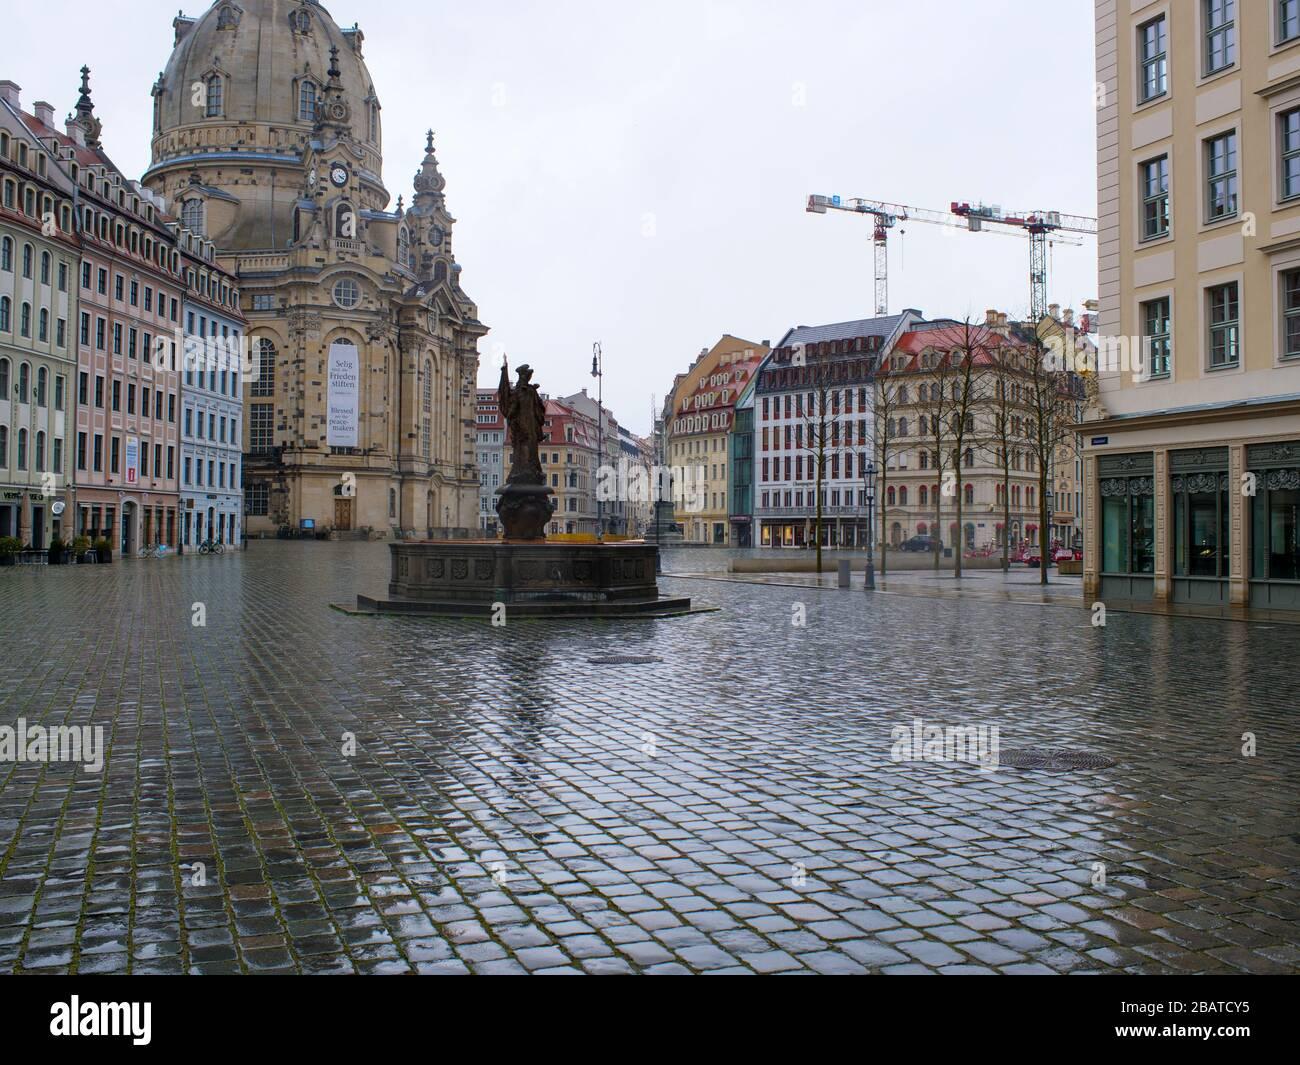 Dresden Neumarkt während Coronavirus Lockdown und Regenwetter Gastronomie Restaurants COVID-19 Ausgangssperre Stock Photo